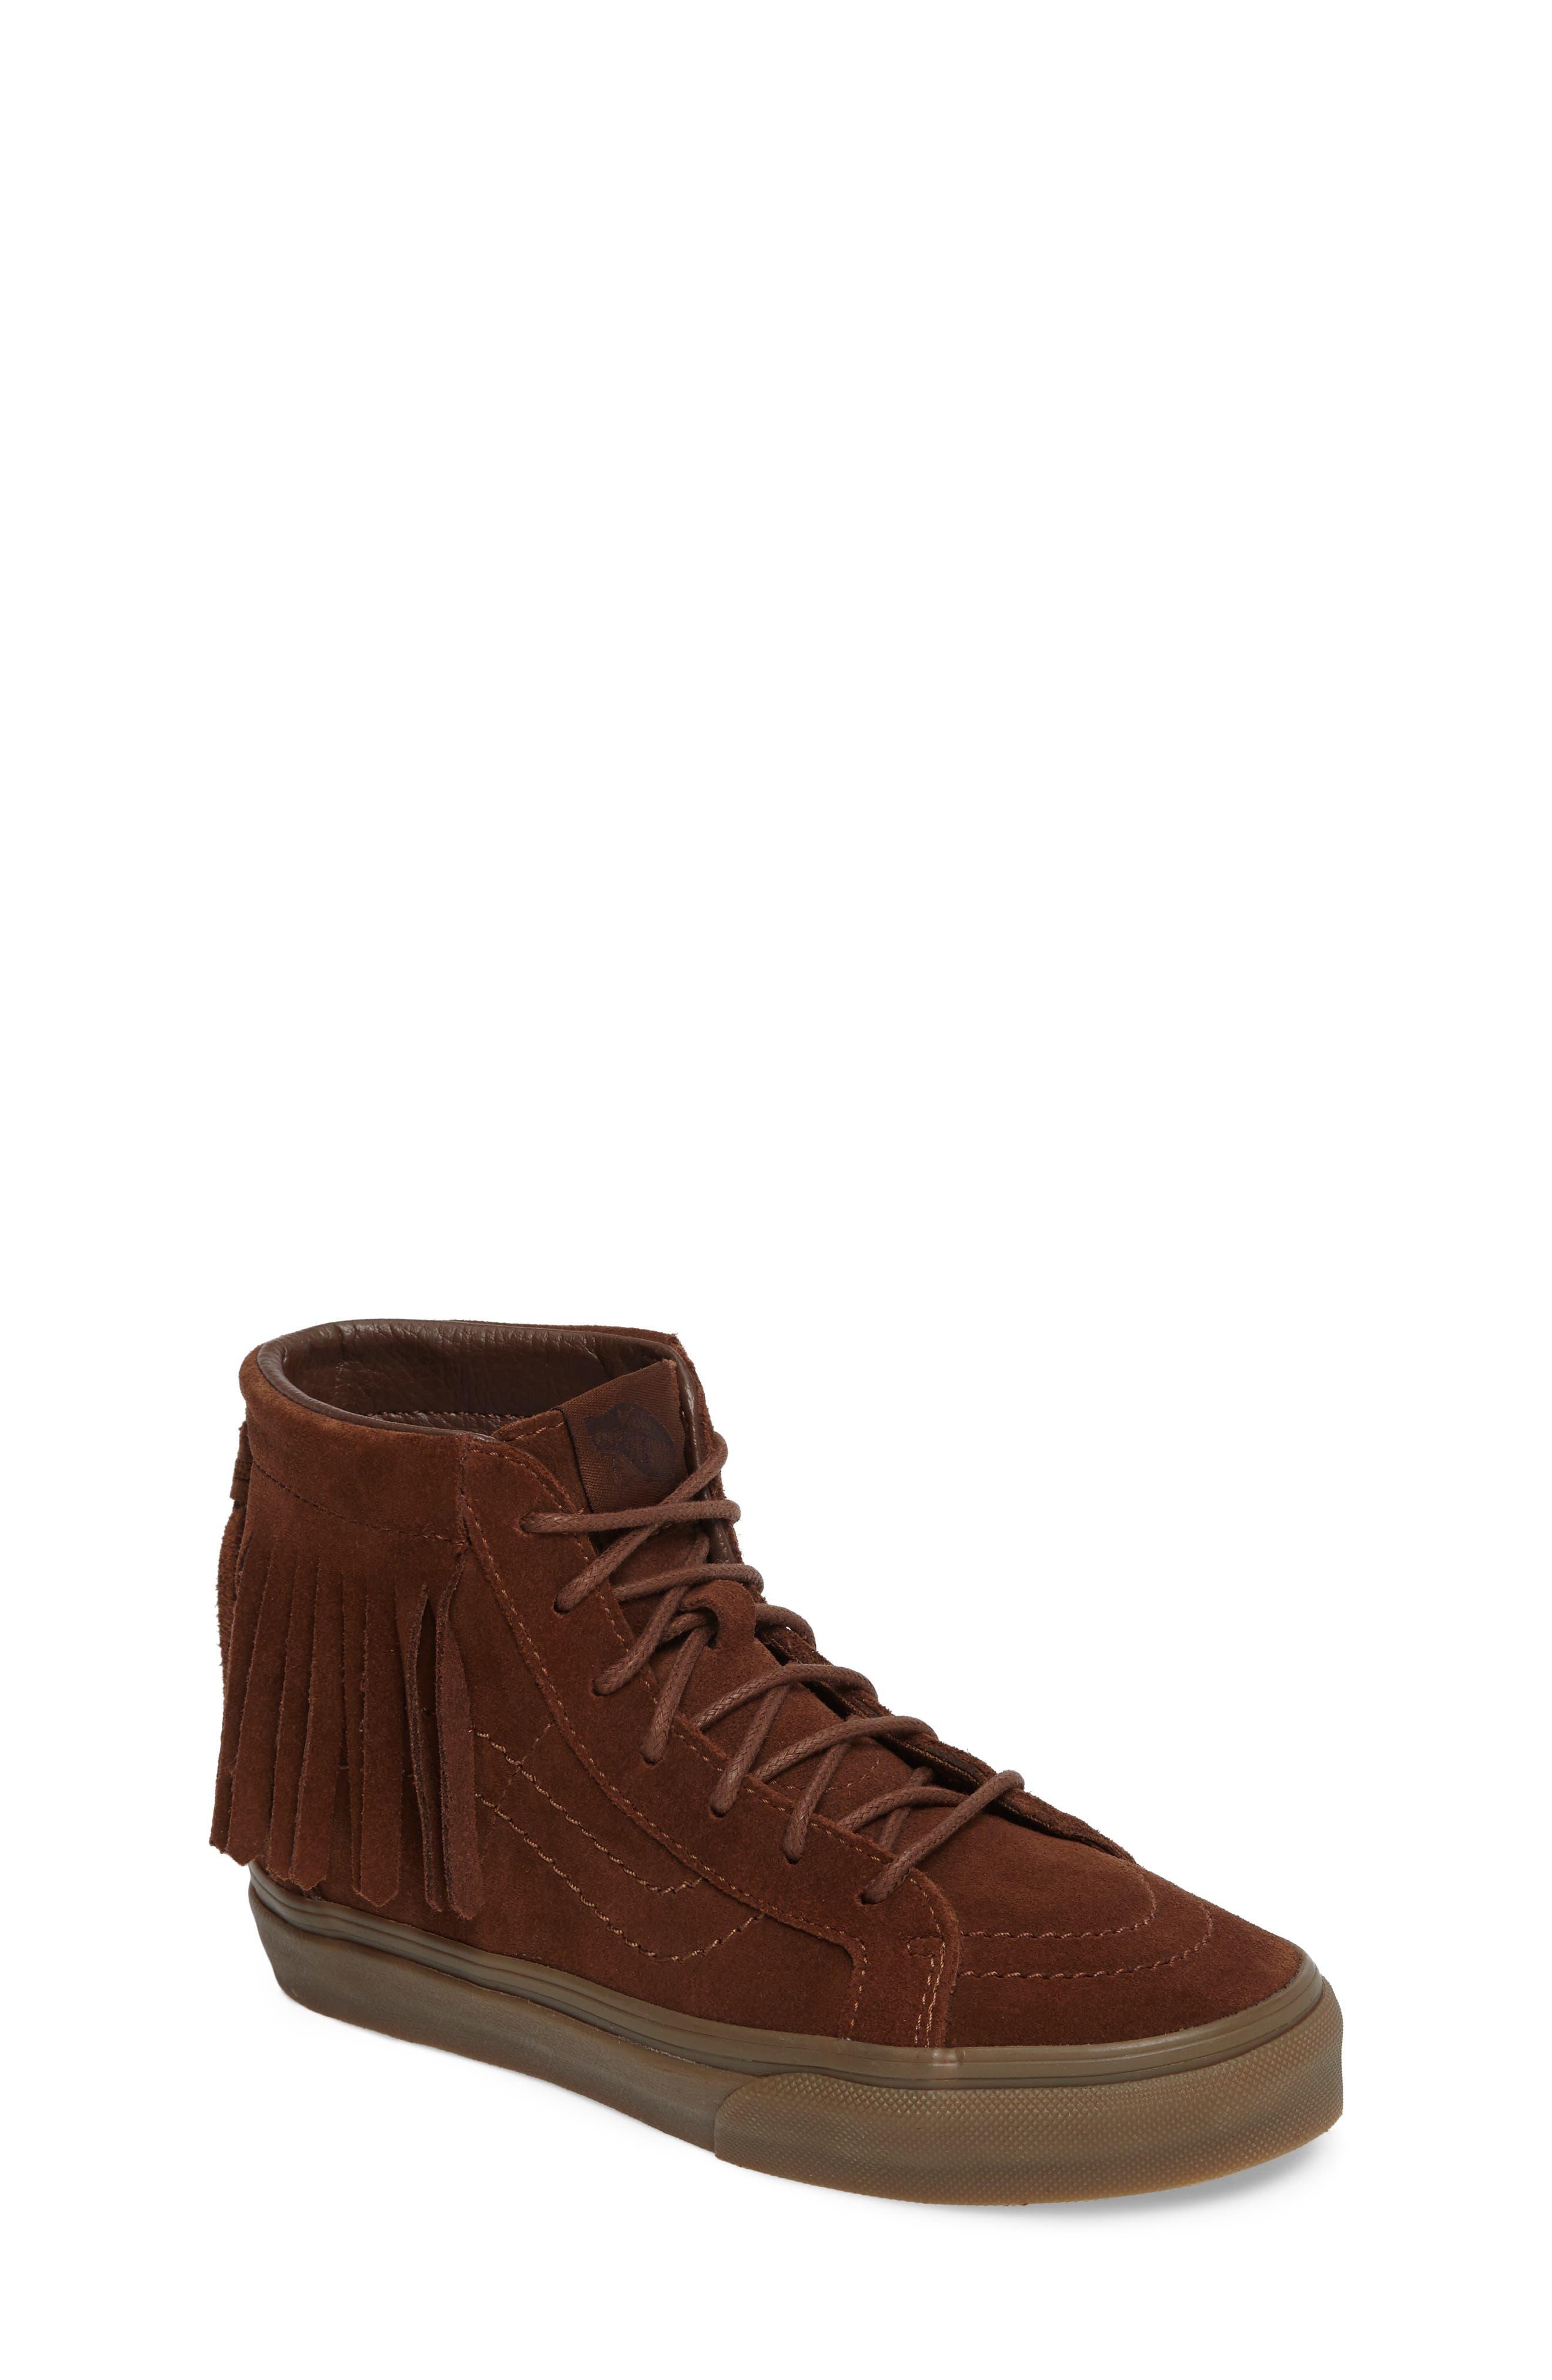 SK8-Hi Moc Sneaker,                         Main,                         color, 200